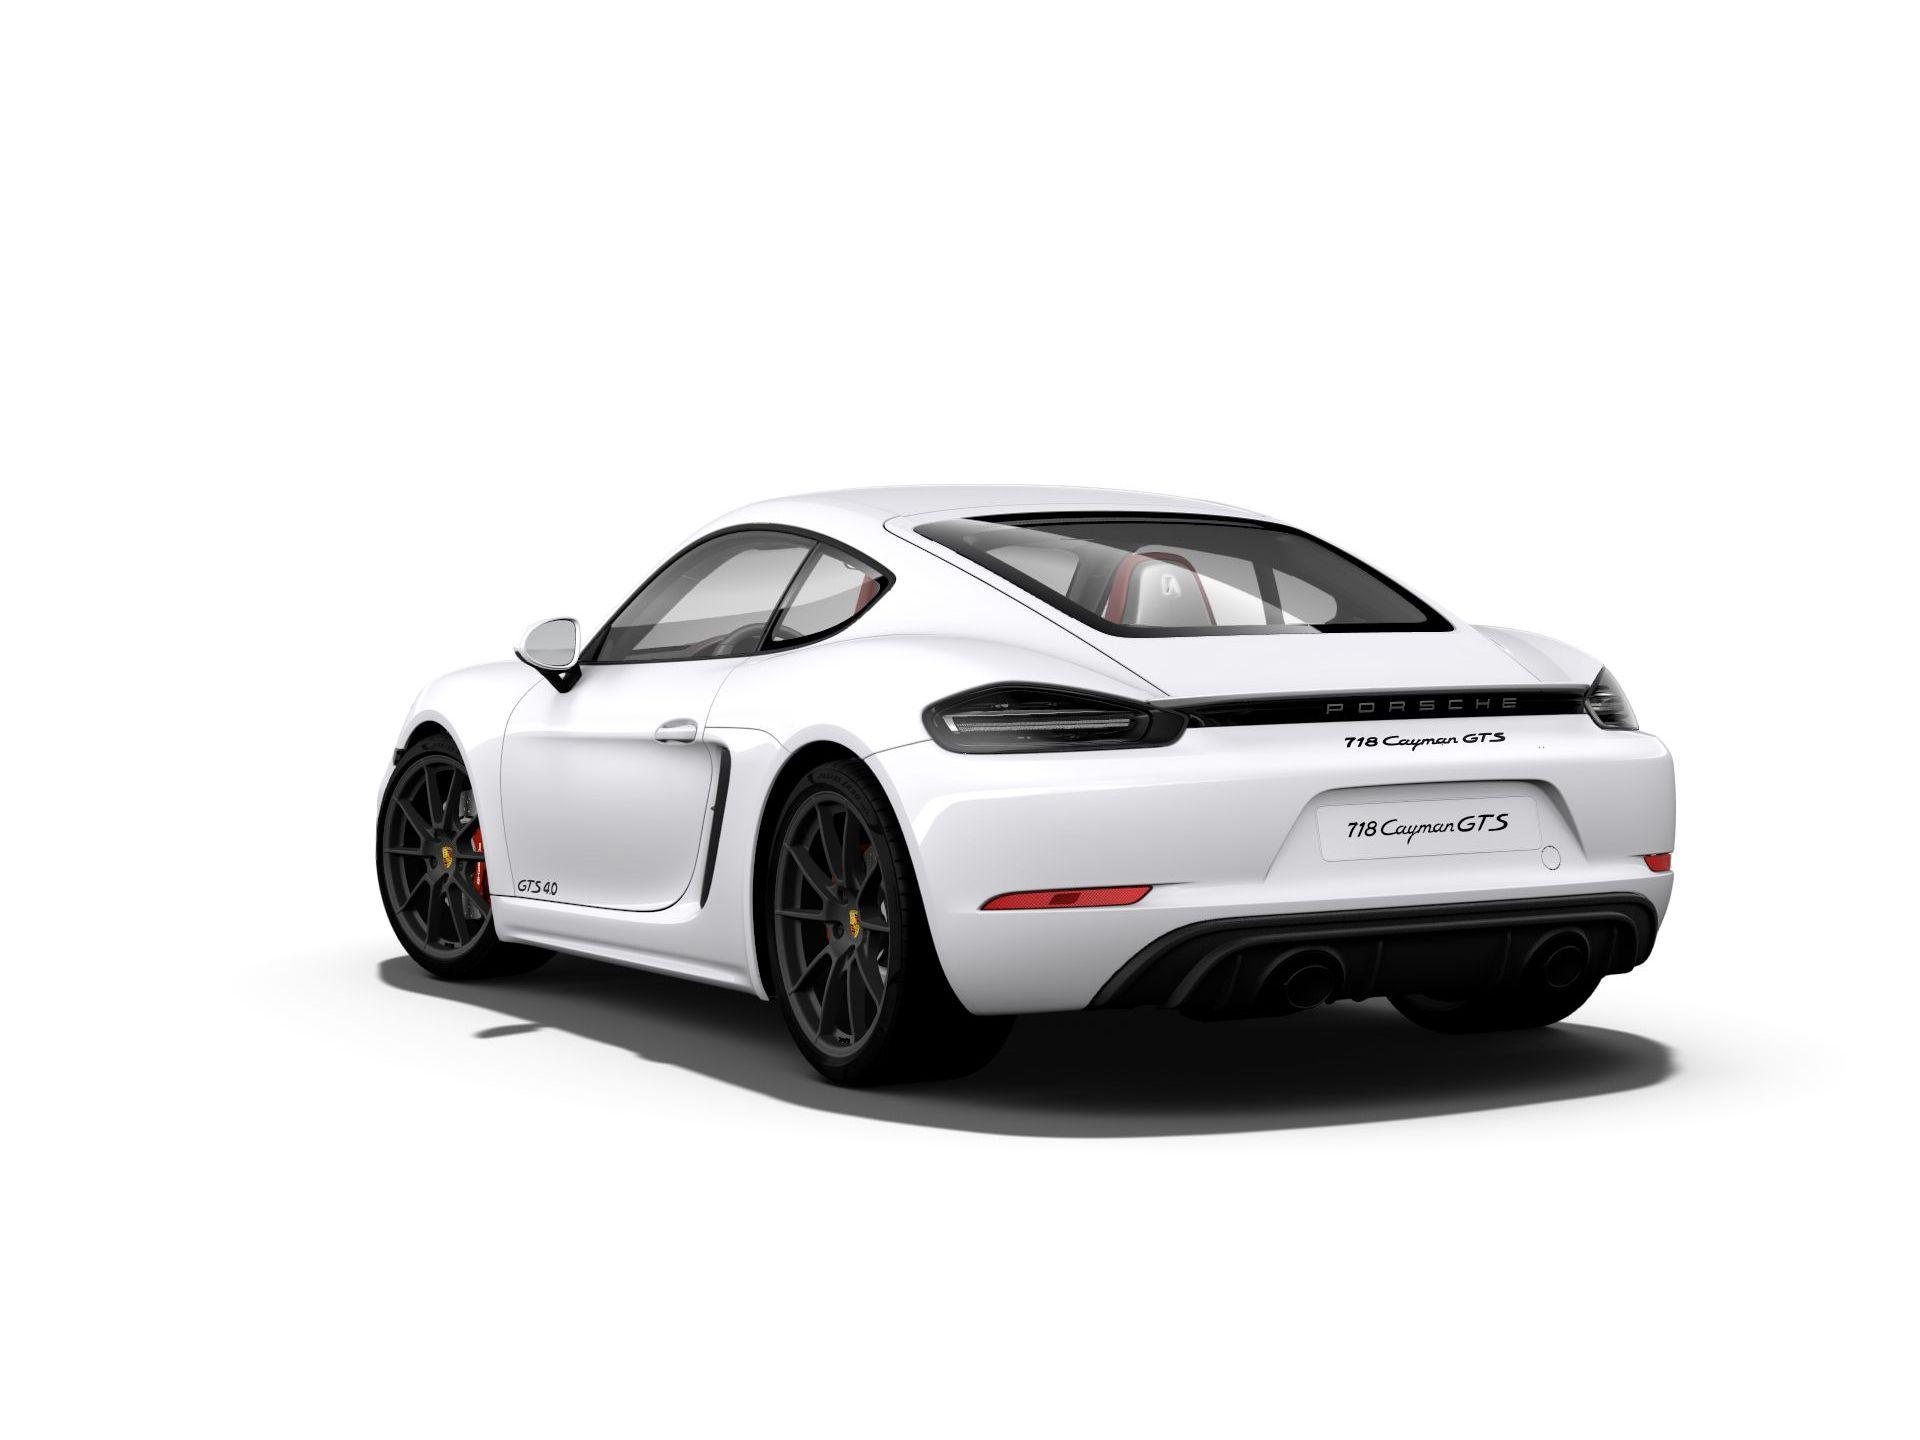 2021 Porsche 718 Cayman GTS 4.0 – 3